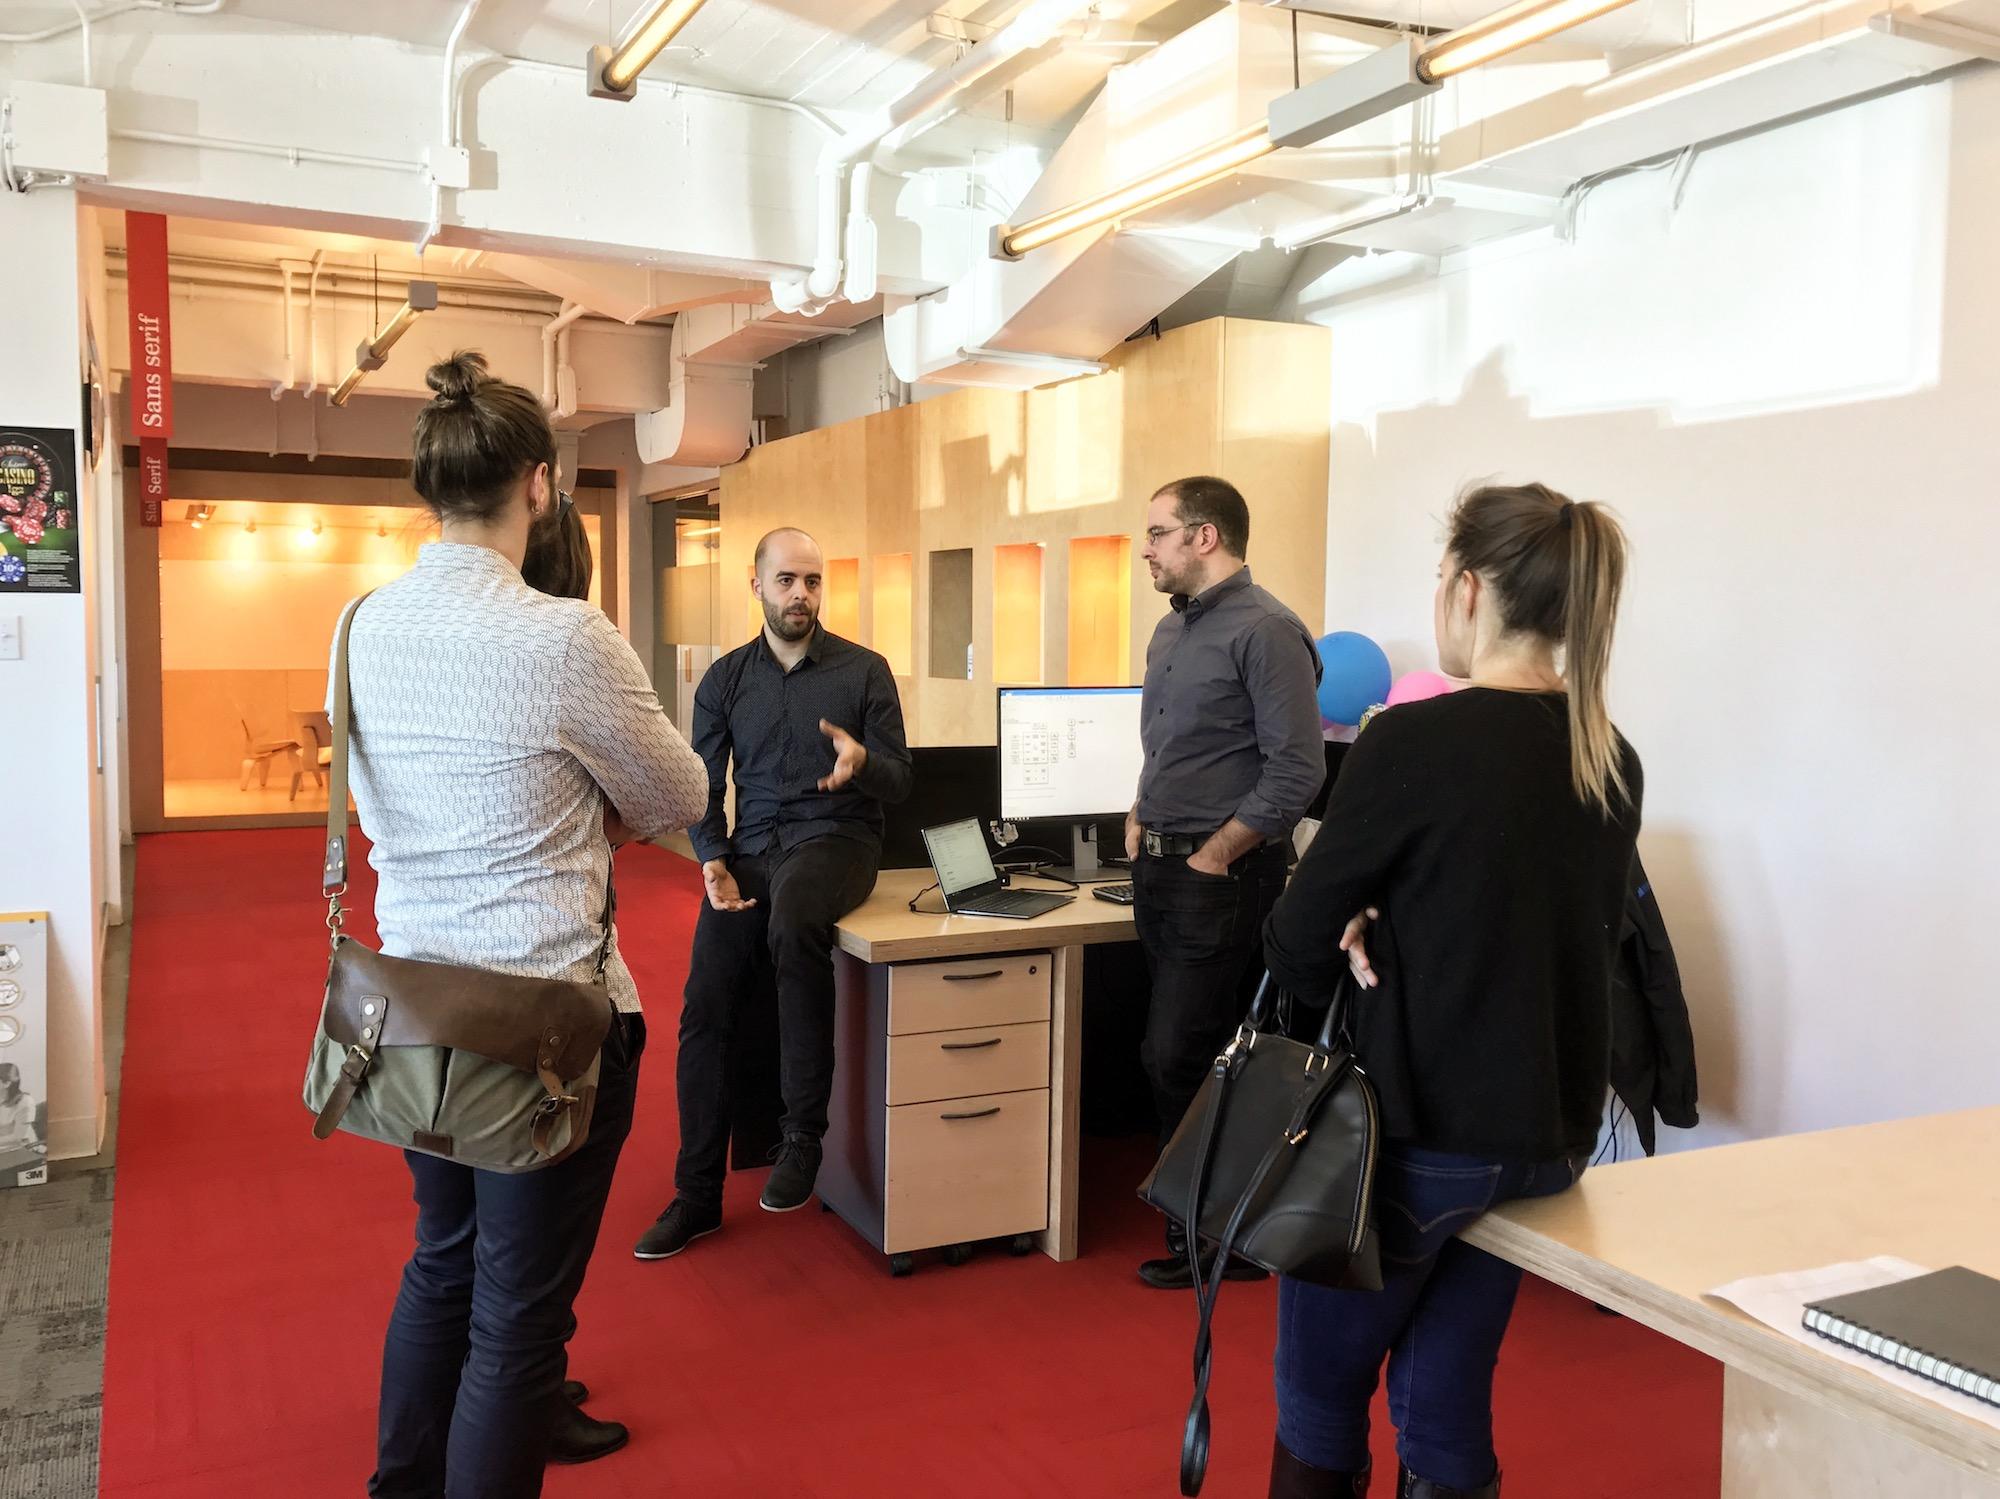 La rencontre avec Nicolas Baldovini, conférencier au WAQ et directeur expérience et design chez lg2 a été un grand moment de la semaine.